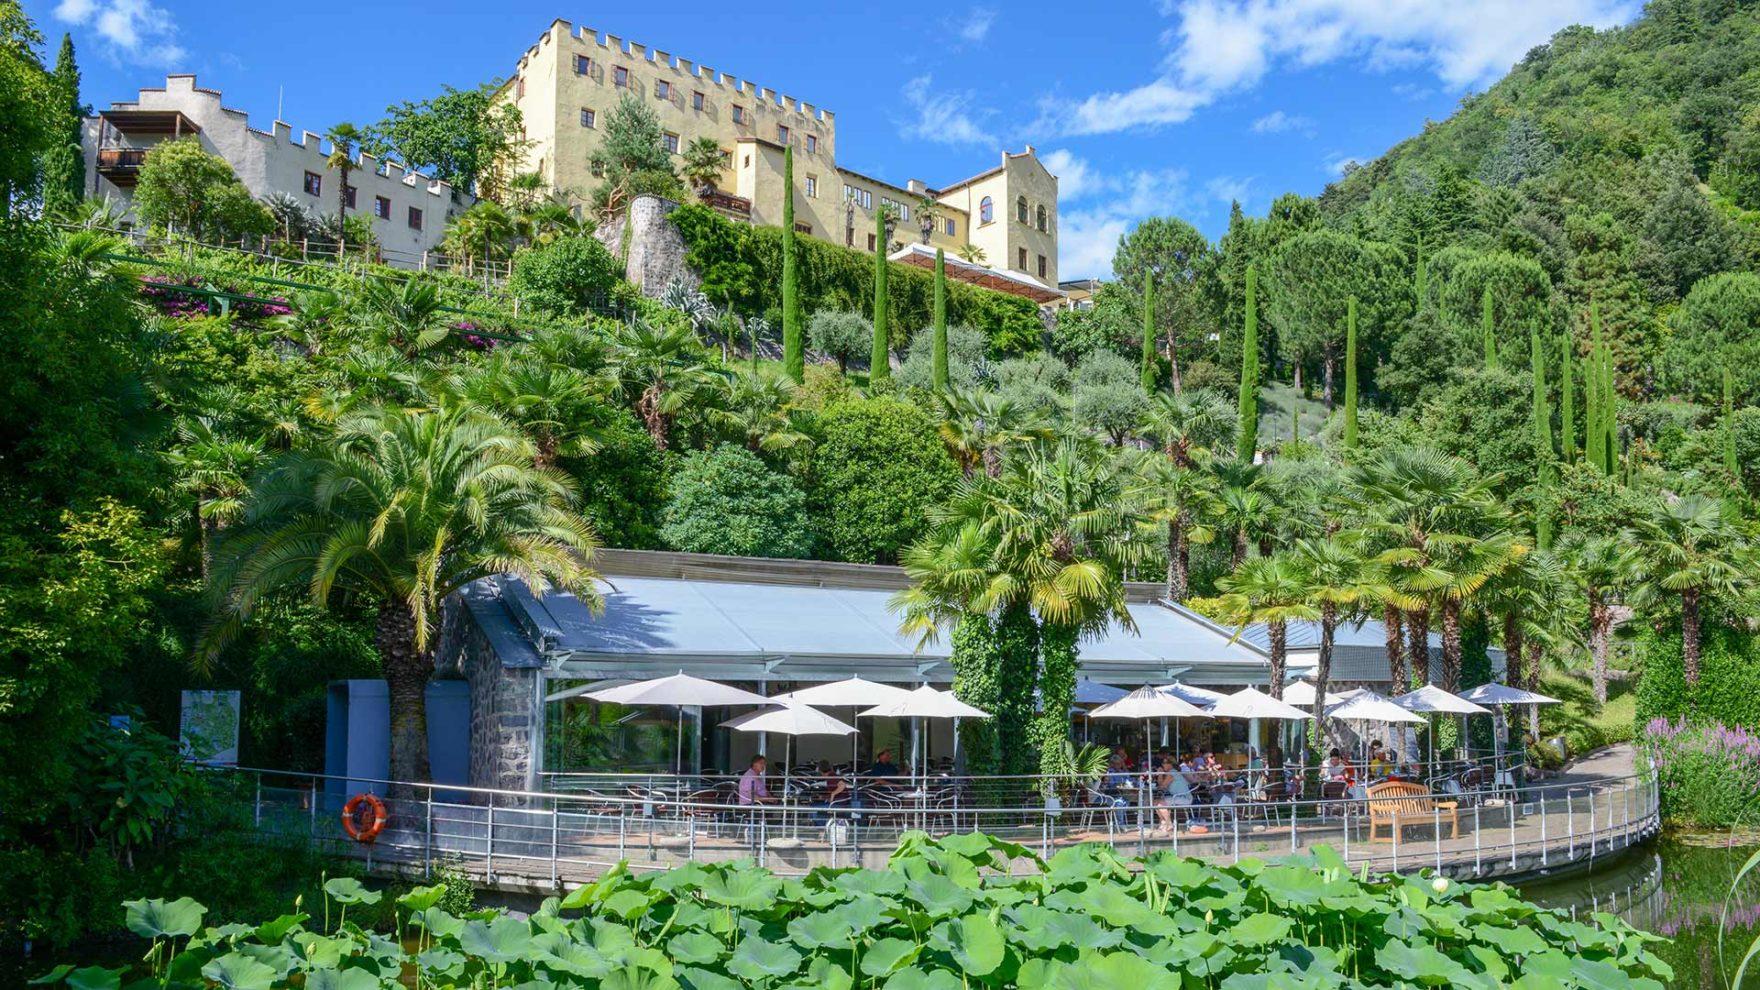 Piante da tutto il mondo - Giardini di Castel Trauttmansdorff